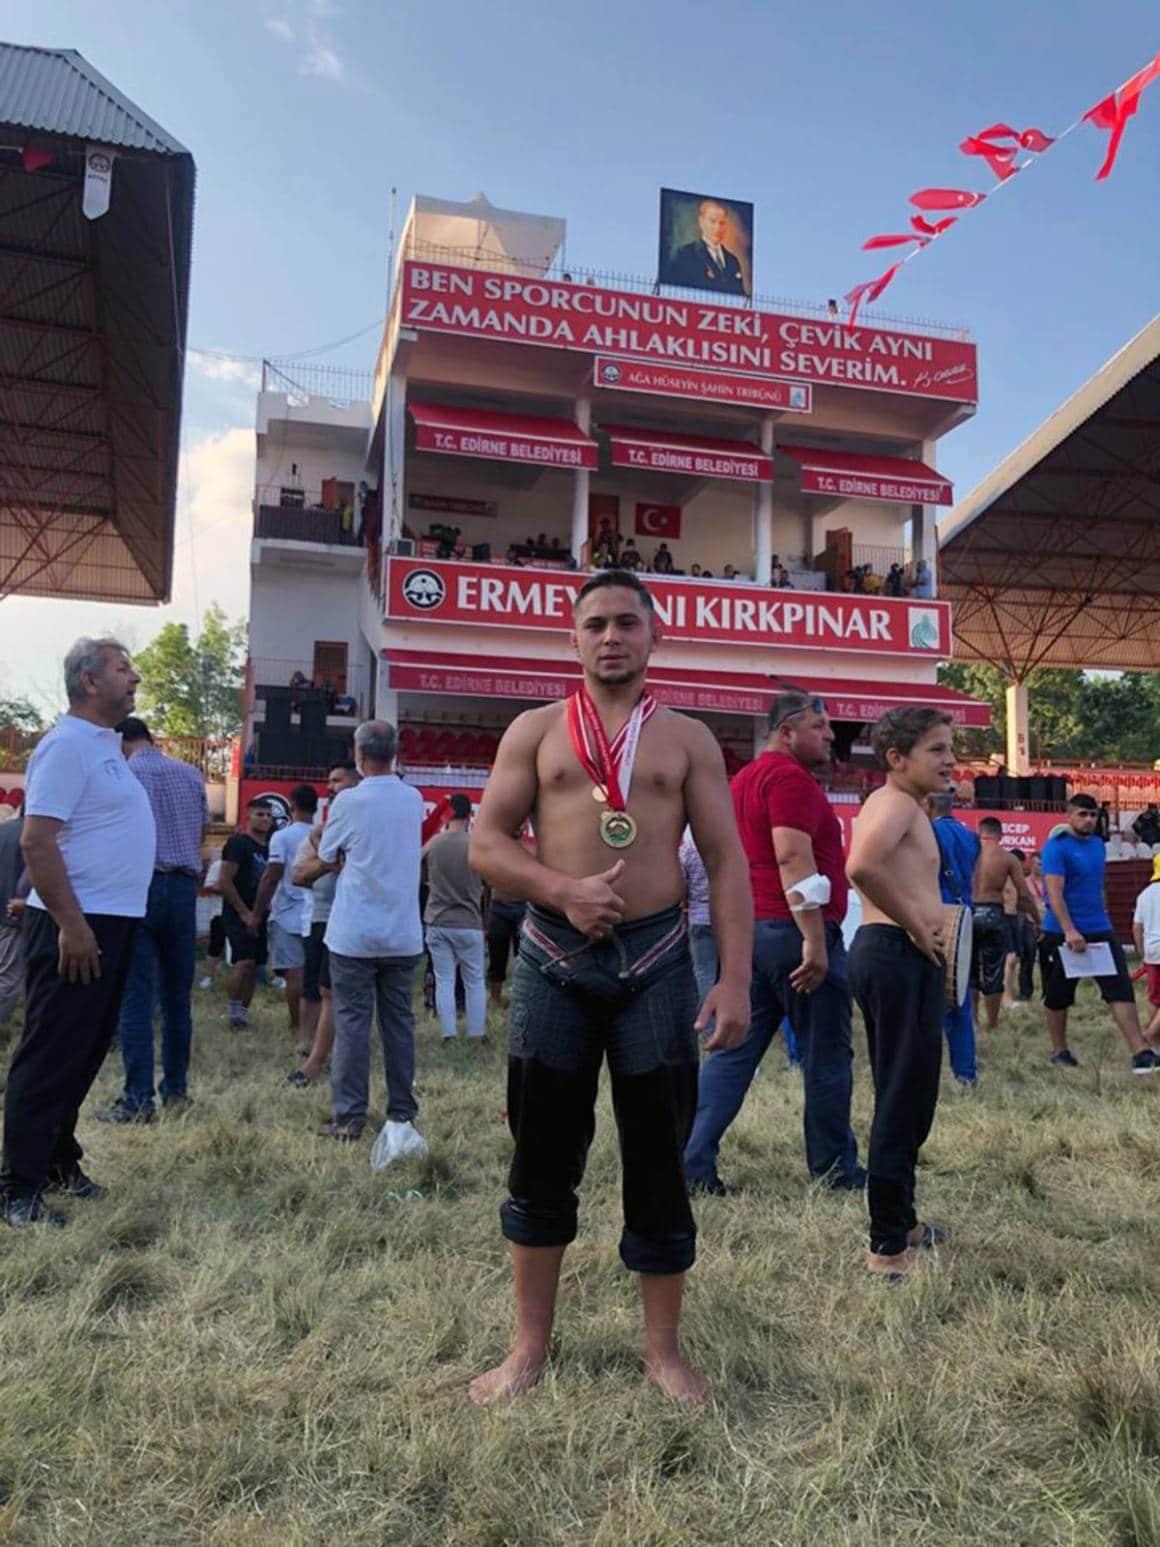 Büyükşehir Güreşçisi Kırkpınar'ın deste küçükboy şampiyonu